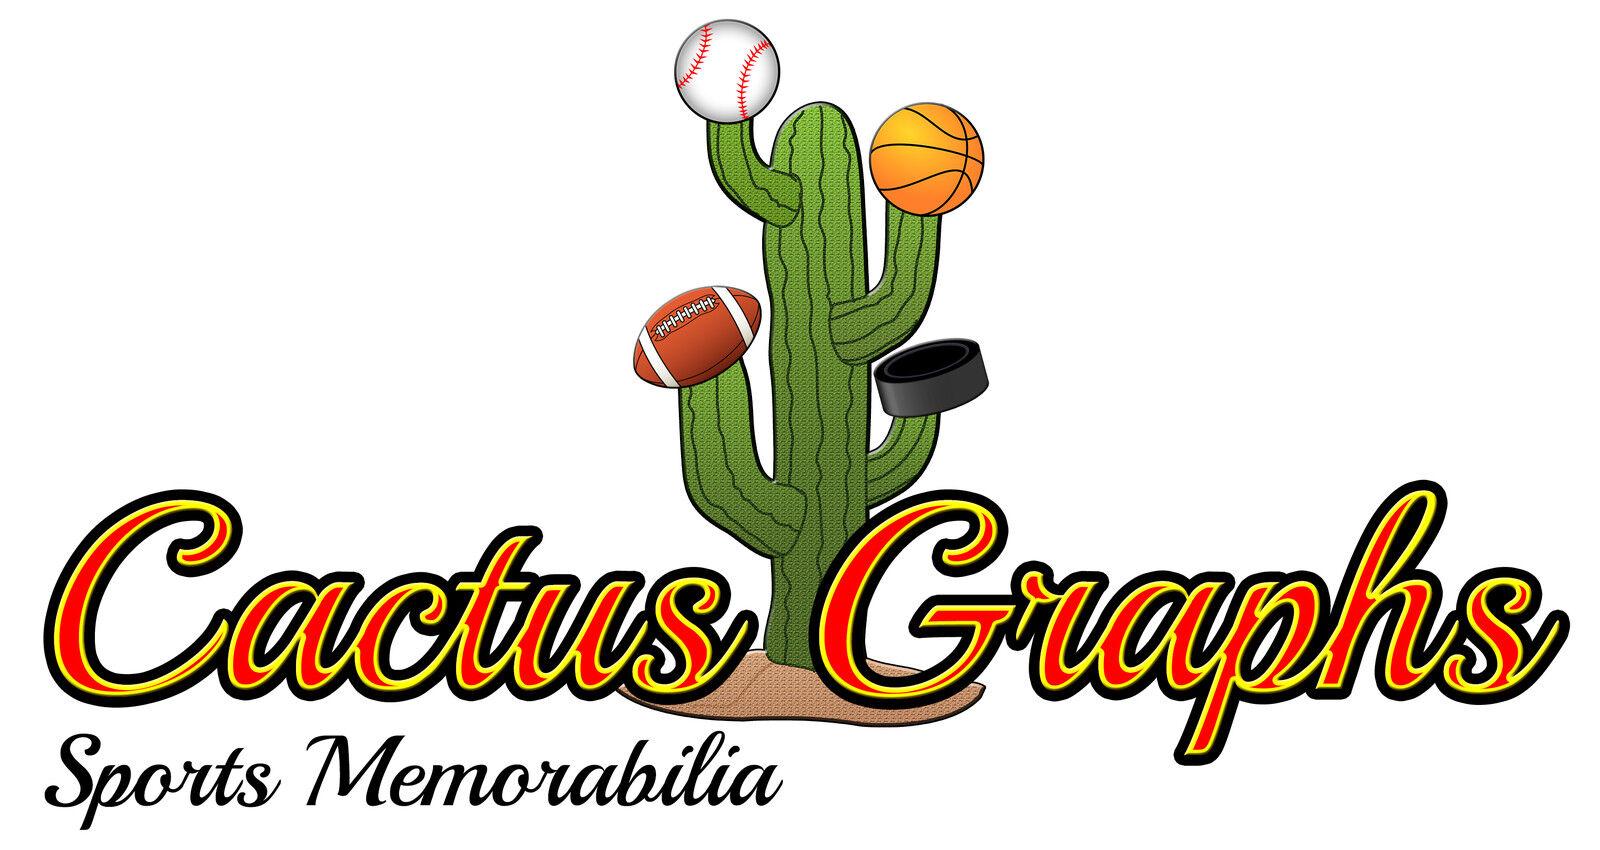 Cactus Graphs